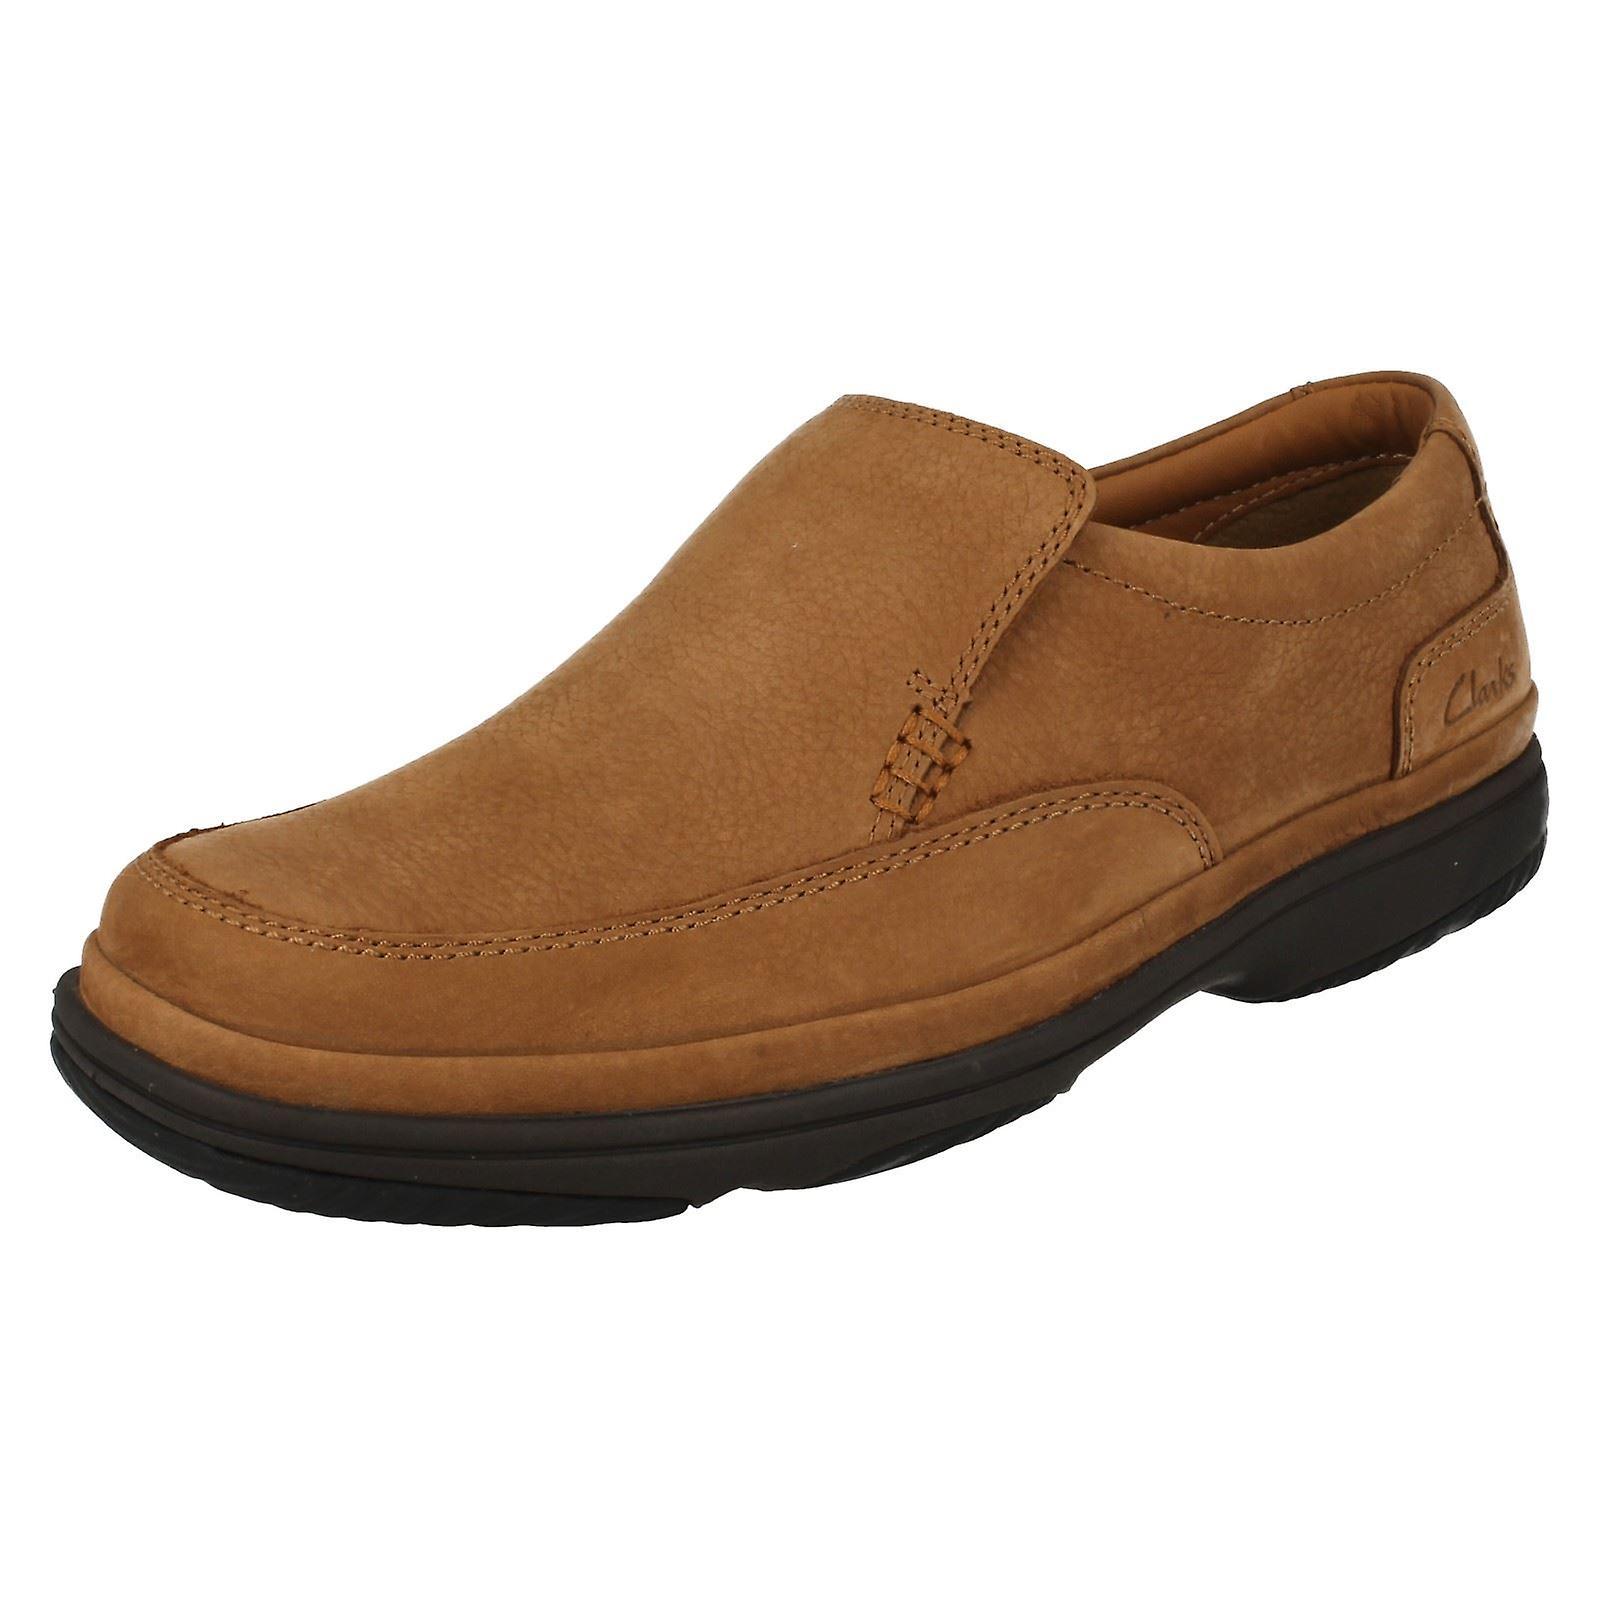 Herren Clarks Flexlight Wide Fitting Slip on Schuhe schnelle Schritt